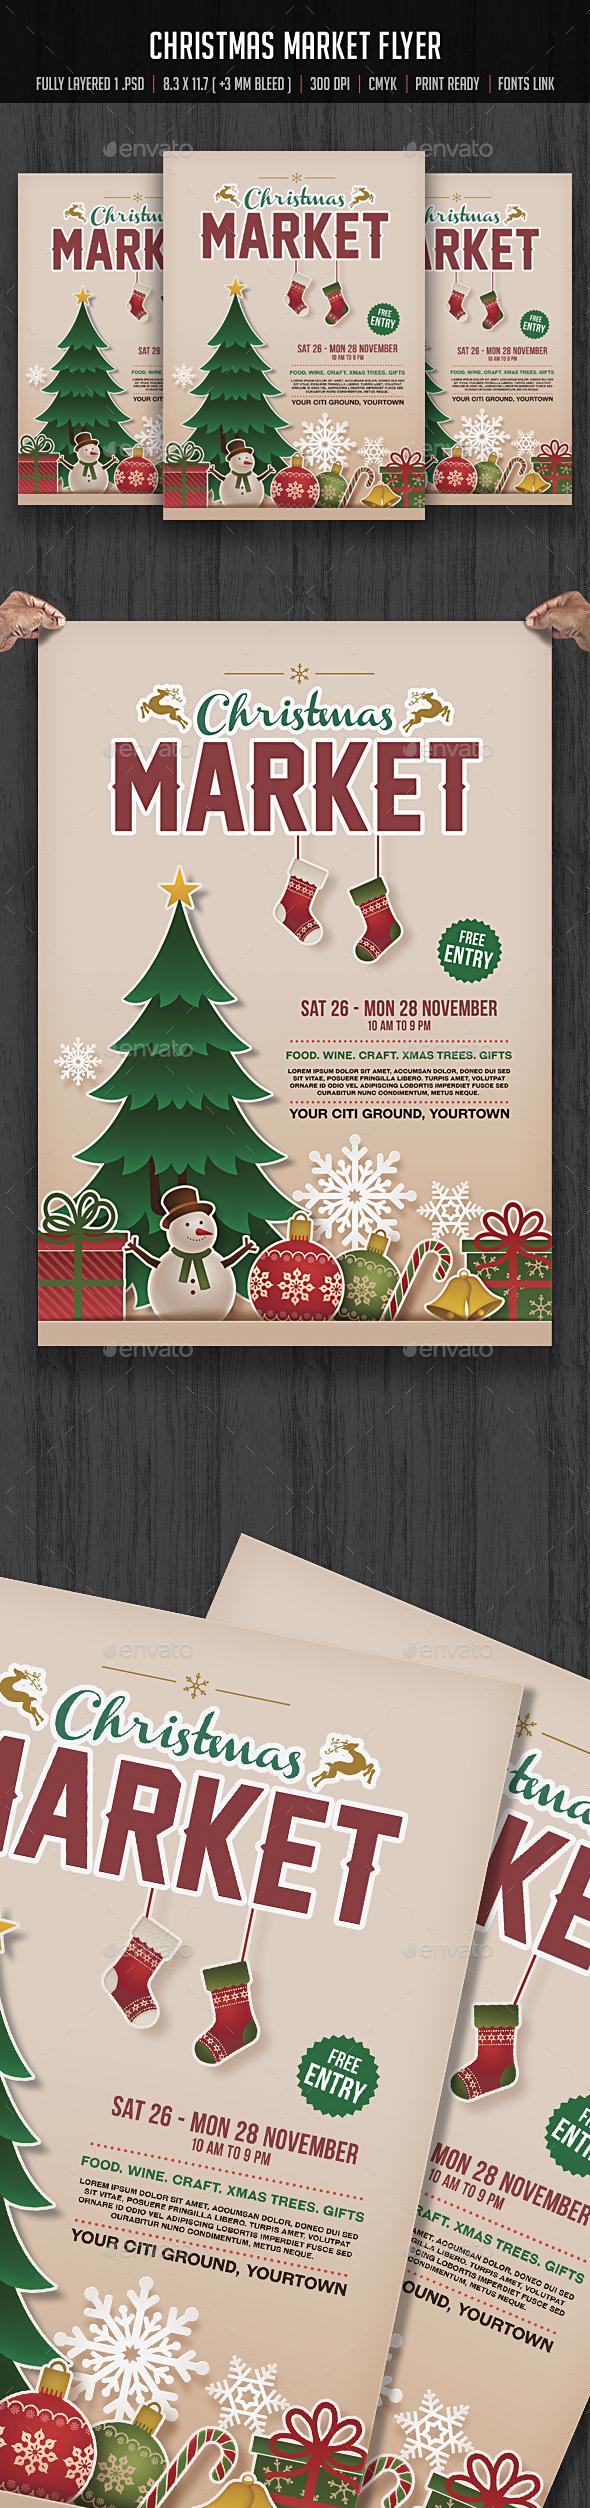 Christmas Market Flyer - Flyers Print Templates